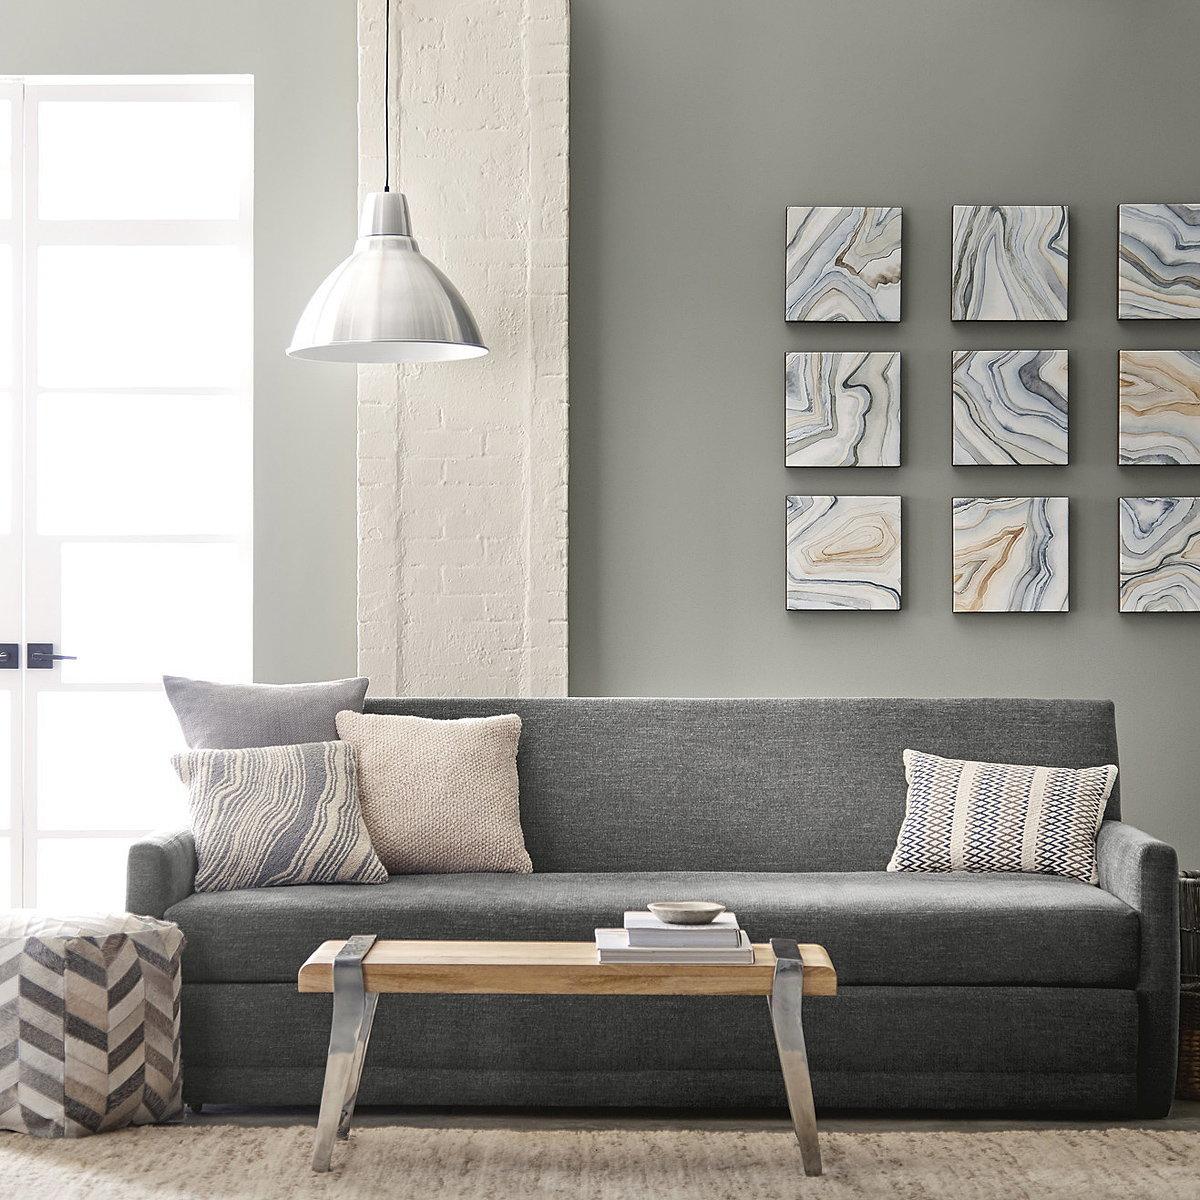 valspar colors of the year 2017. Black Bedroom Furniture Sets. Home Design Ideas